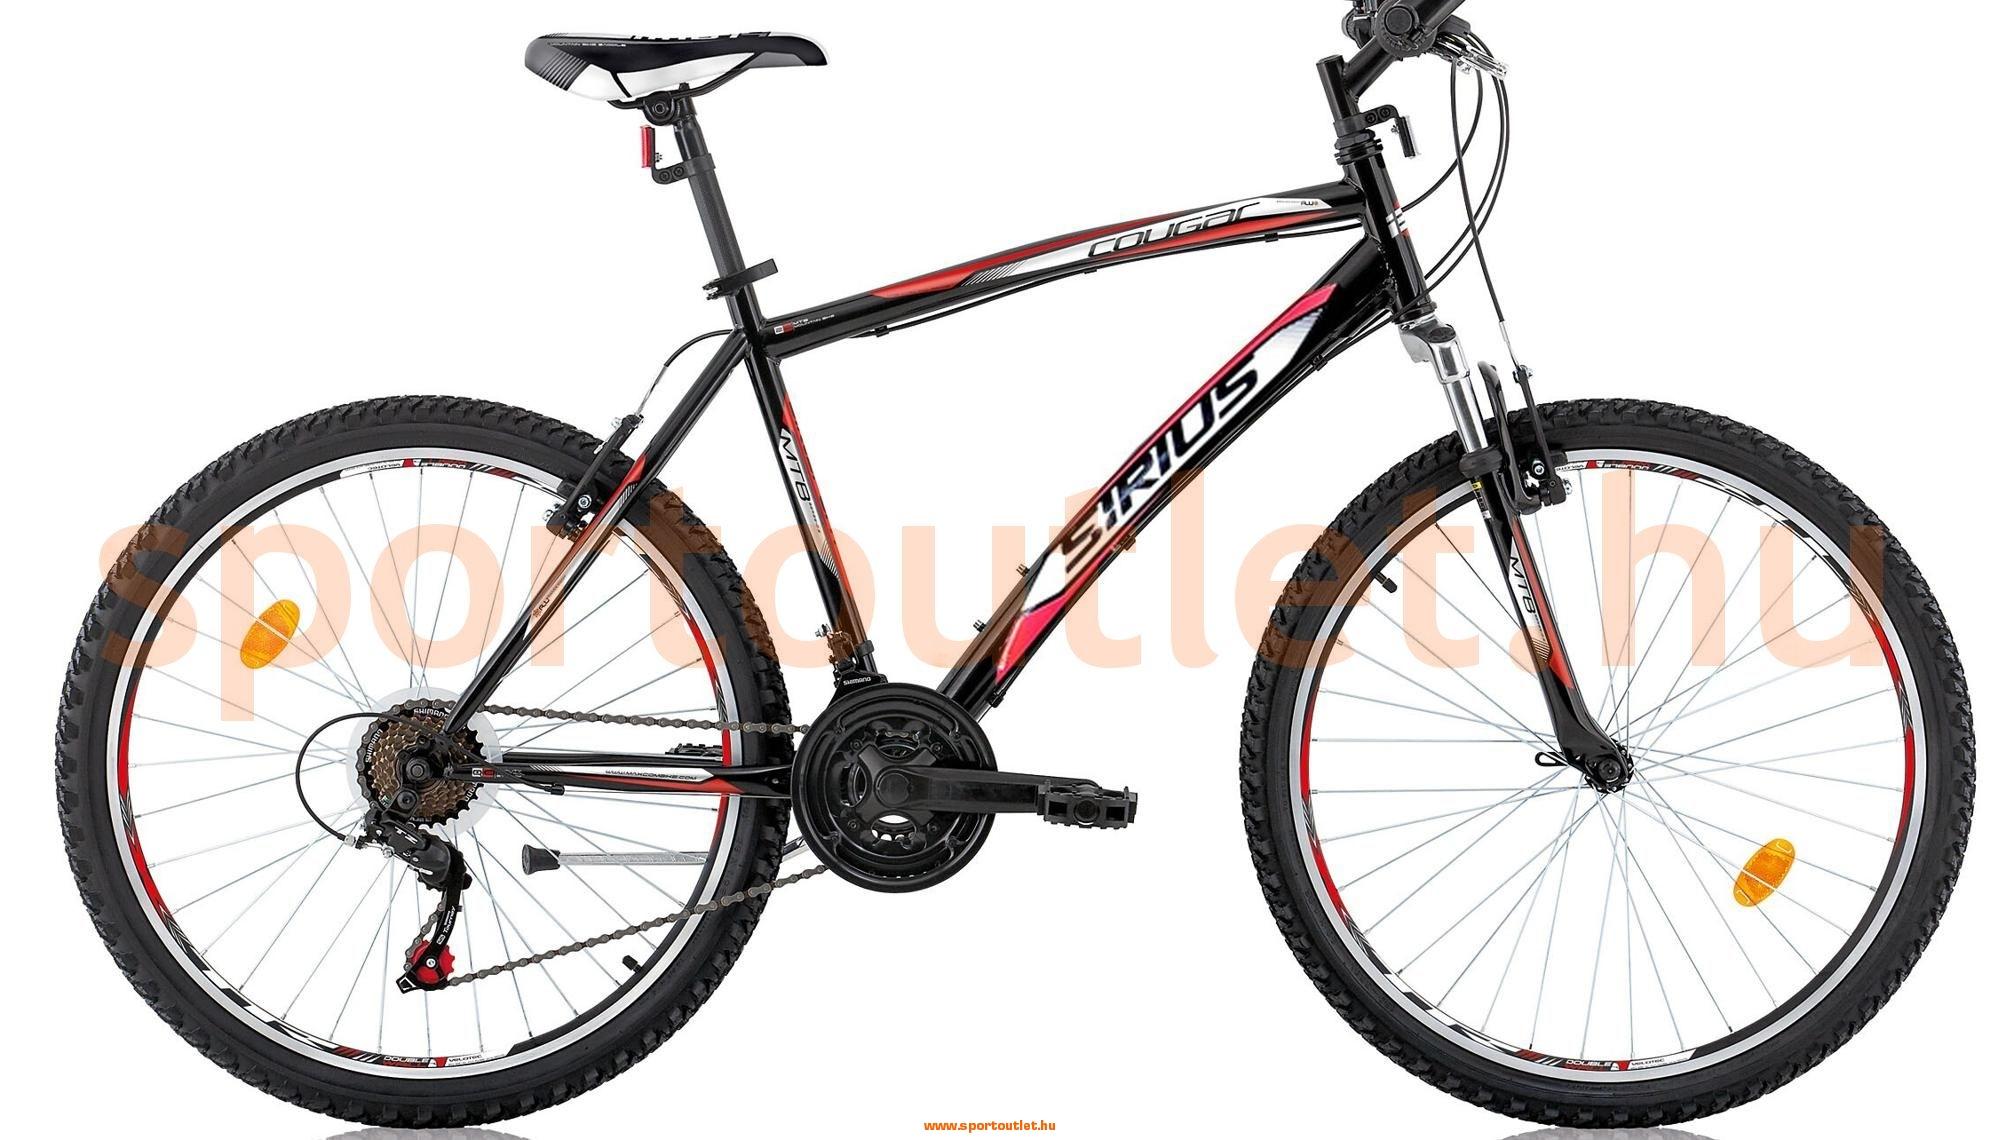 15-35% Sprint/Sirius kerékpár AKCIÓ - Akár ingyen házhoz szállítással!